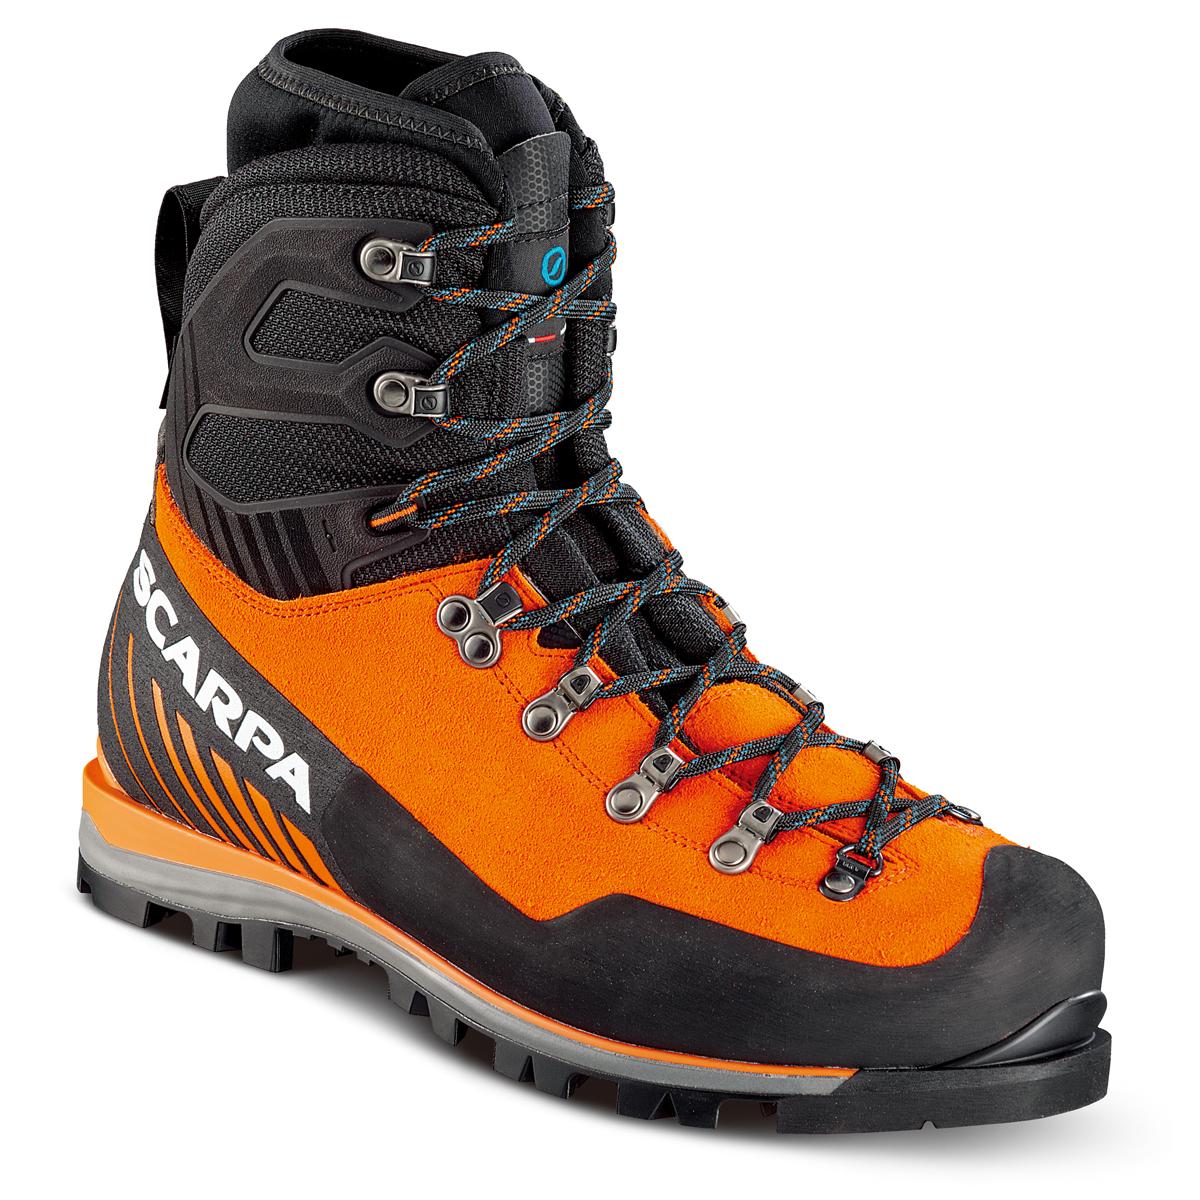 雪山用登山靴【SCARPA スカルパ モンブランプロGTX】SC23212001390 送料無料 人気 最新 ワンタッチアイゼン装着可能